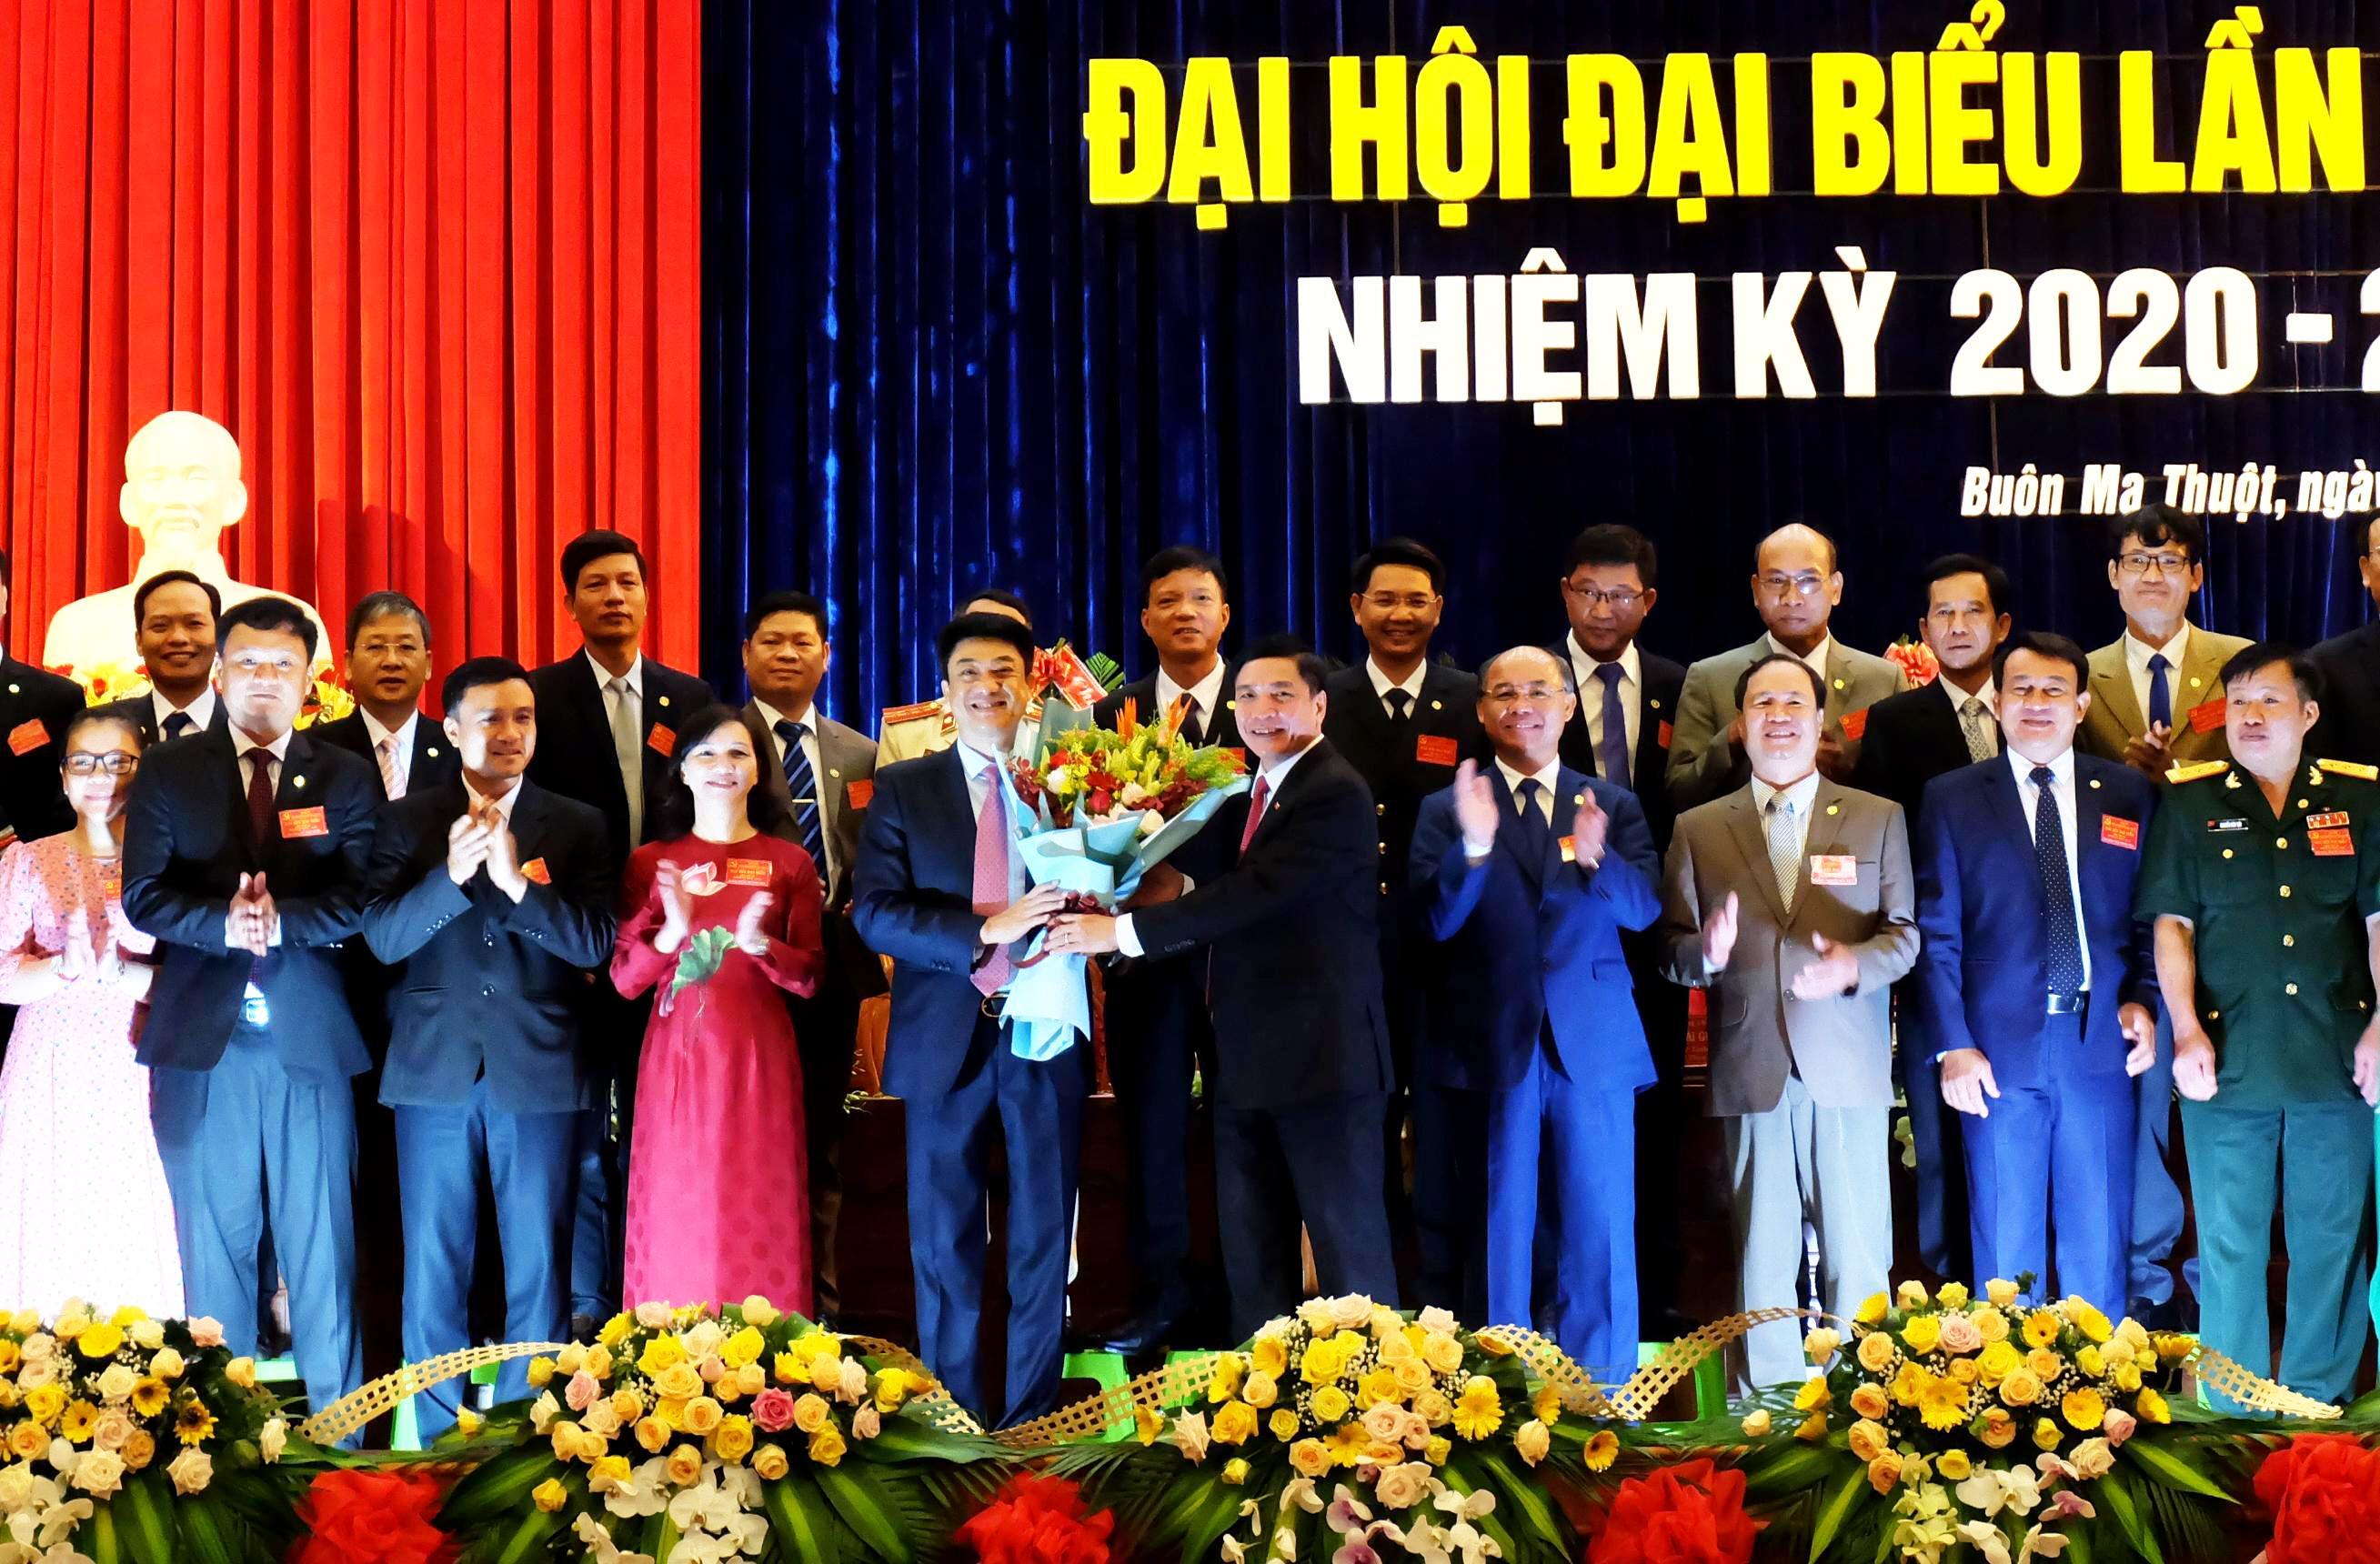 Đồng chí Từ Thái Giang tiếp tục được tín nhiệm bầu giữ chức Bí thư Thành ủy Buôn Ma Thuột nhiệm kỳ 2020 - 2025